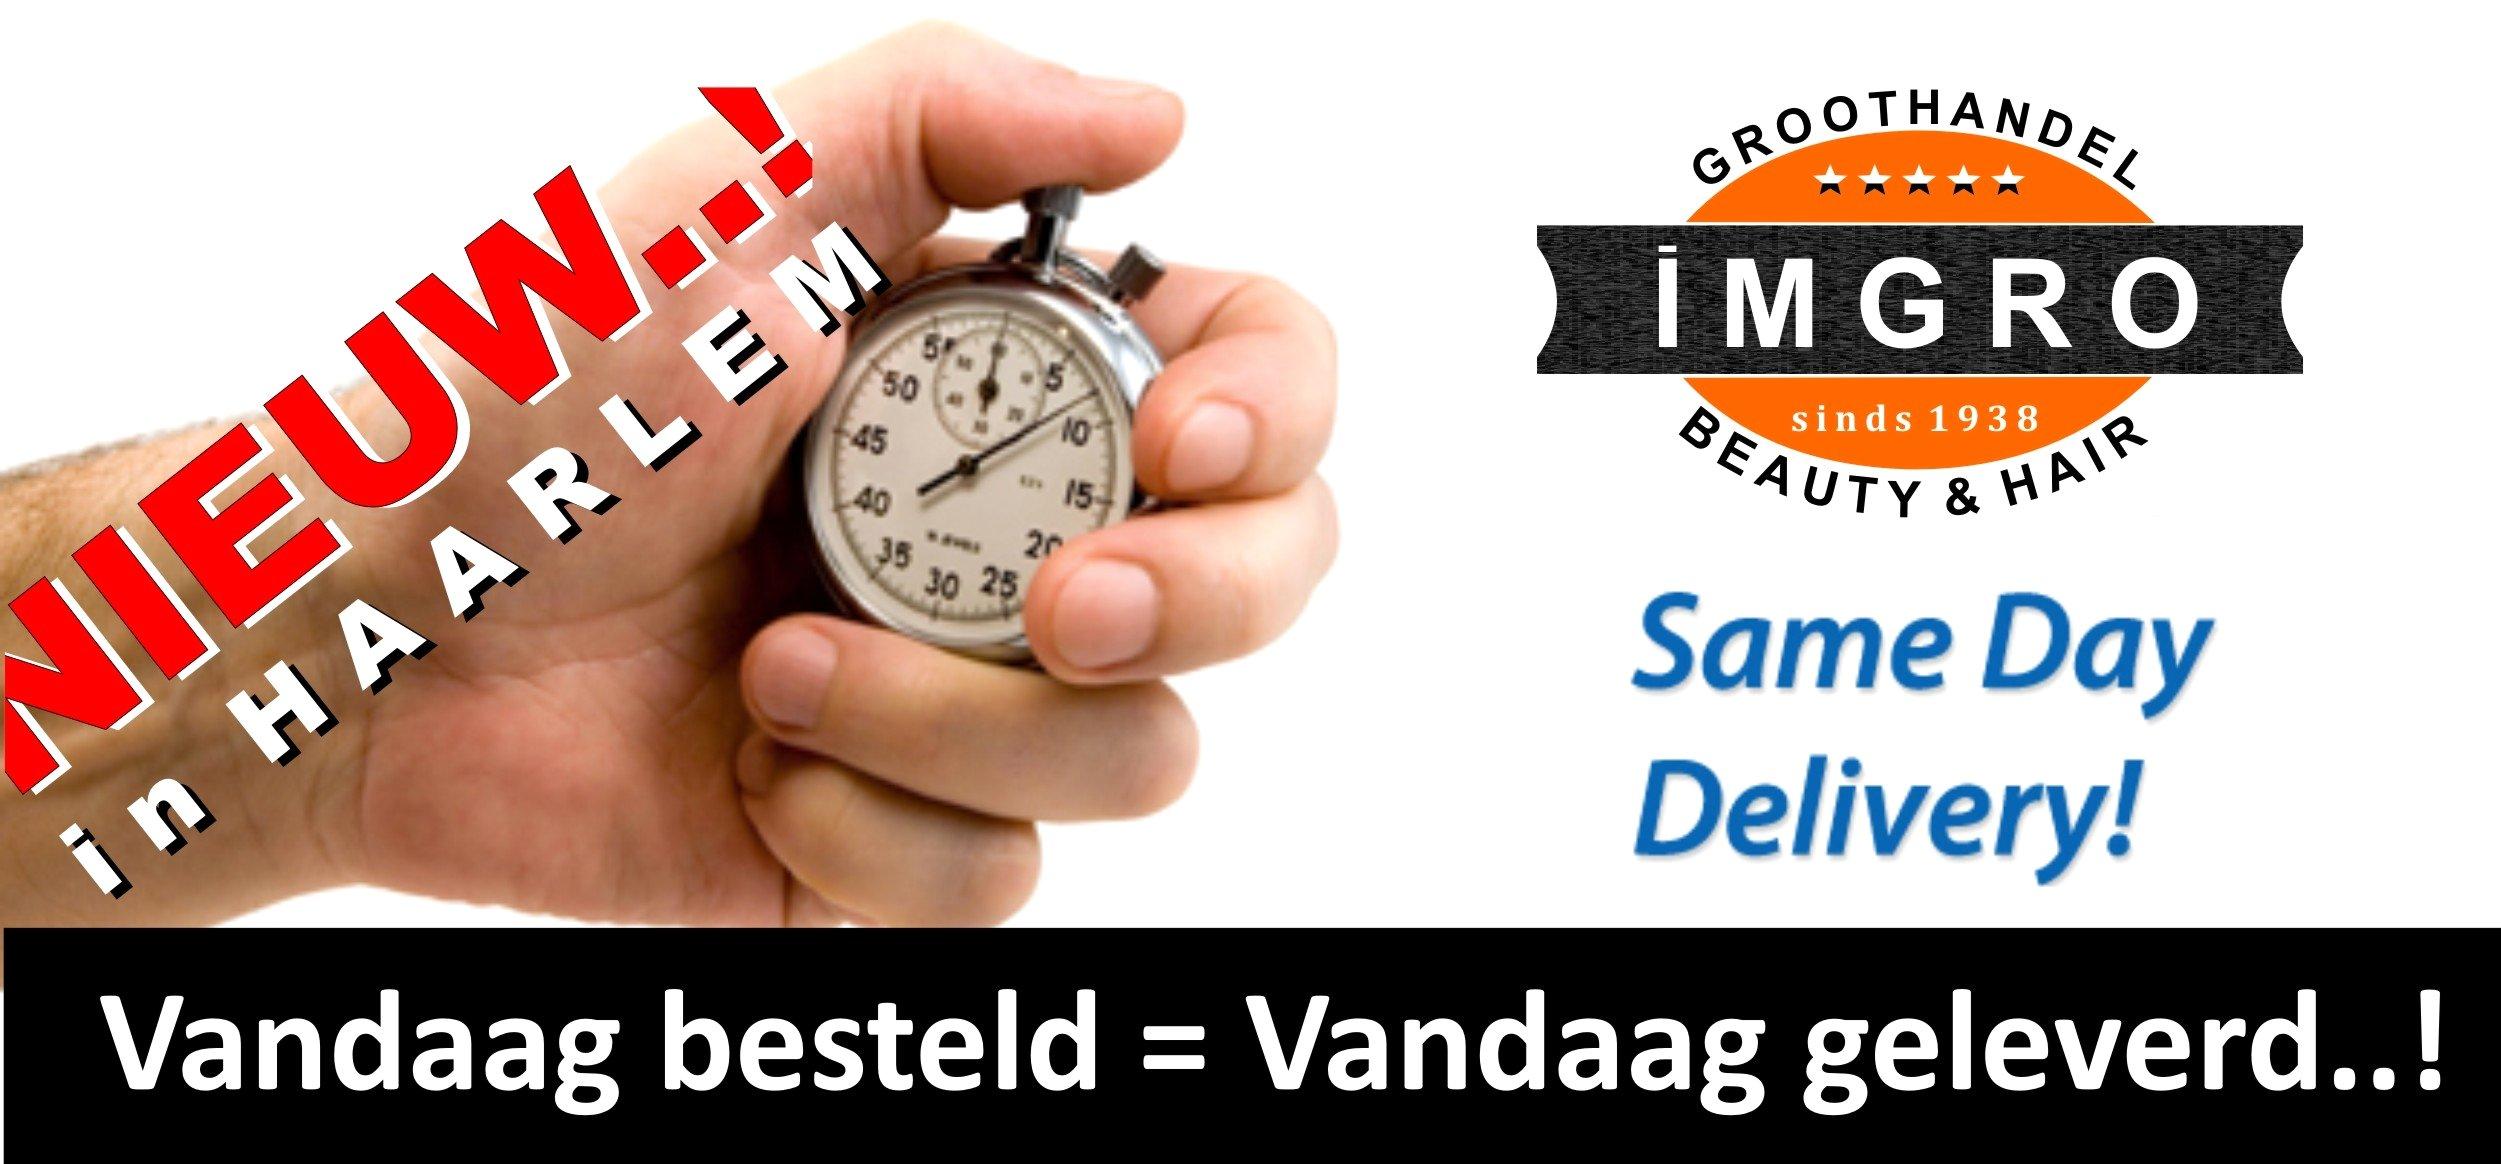 Vanaf vandaag leveren wij in Haarlem dezelfde dag..!